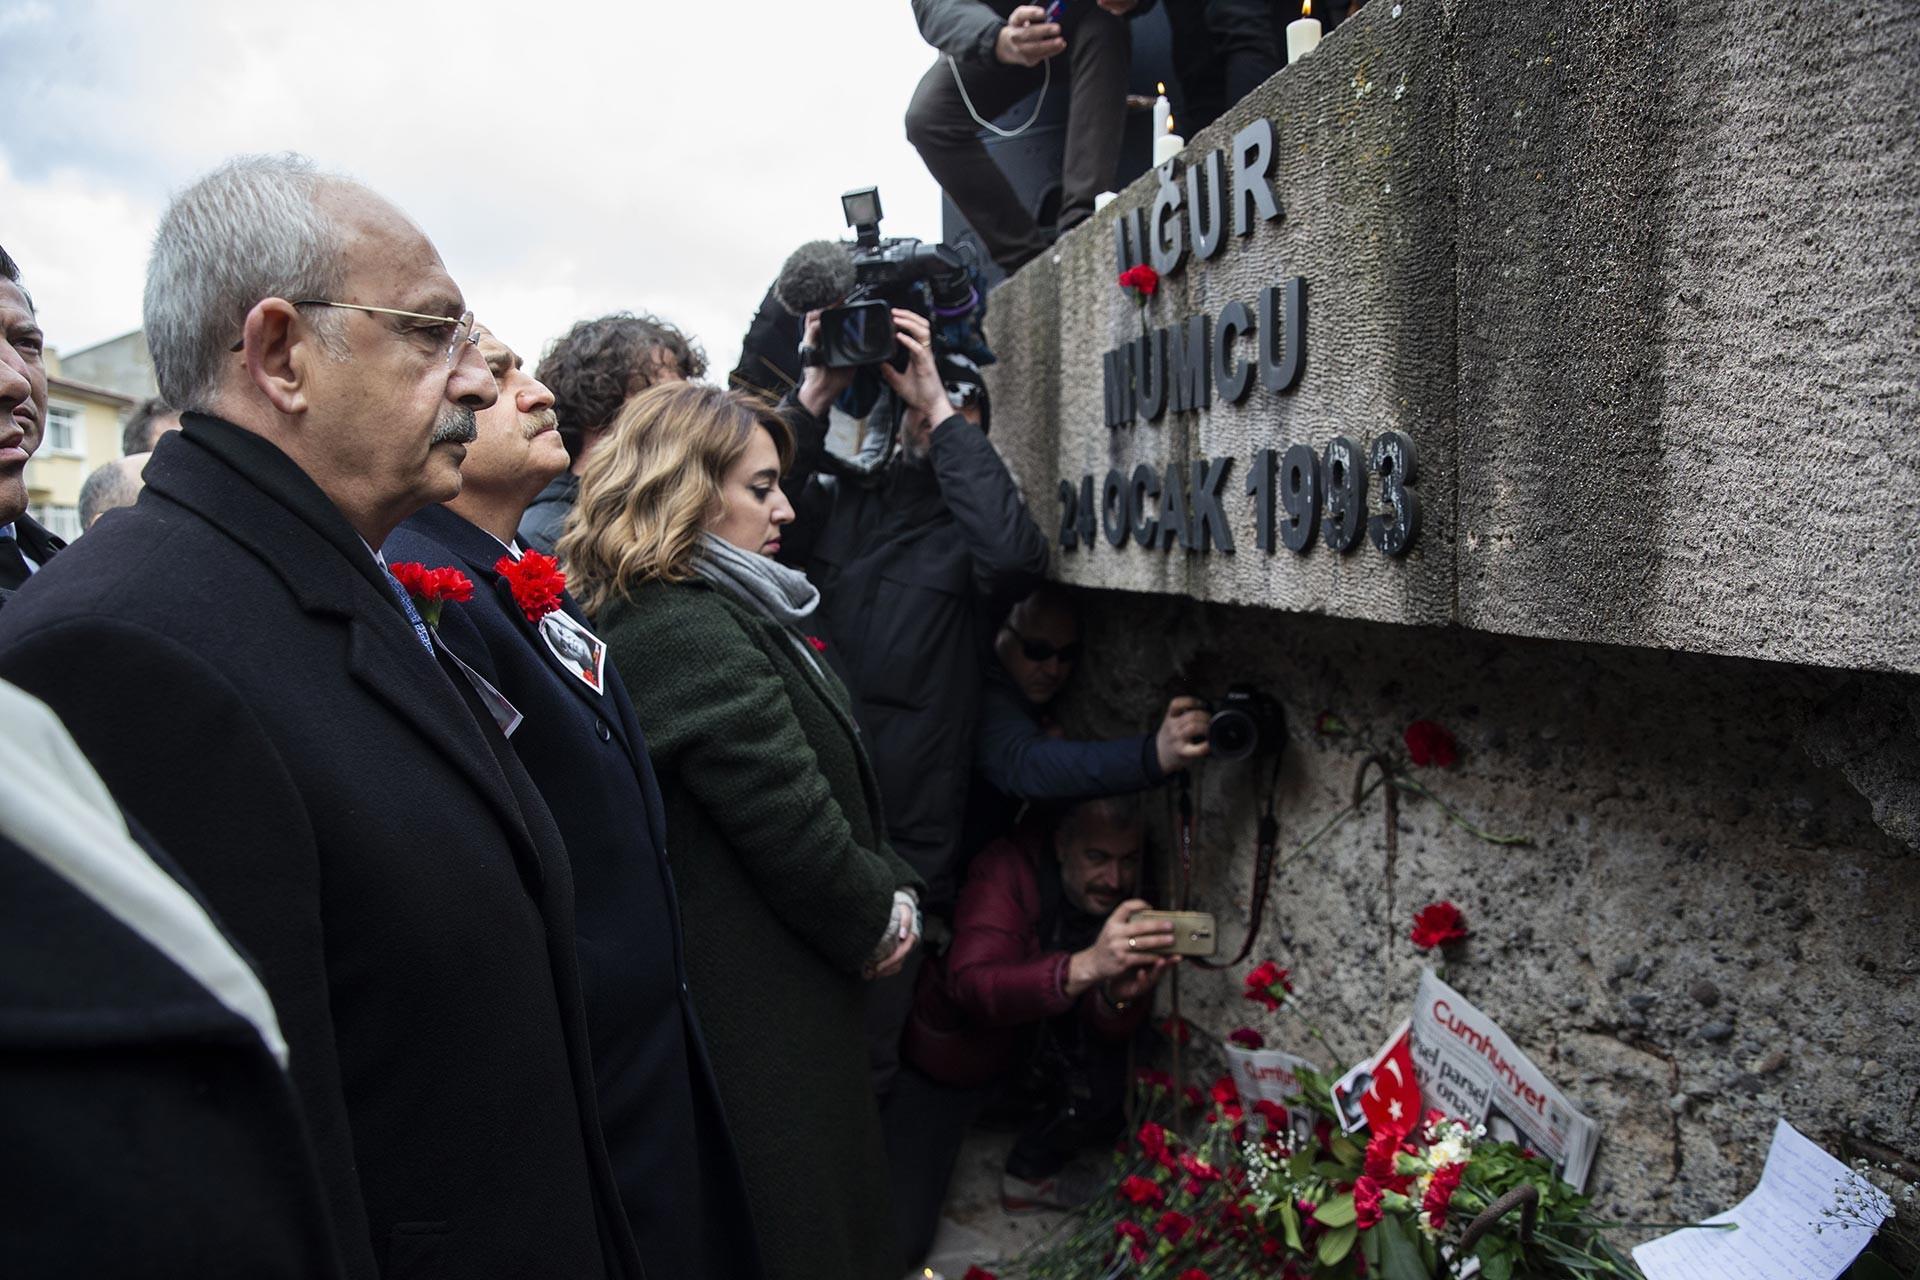 Gazeteci Yazar Uğur Mumcu, öldürülüşünün 27. yılında evinin önünde anıldı